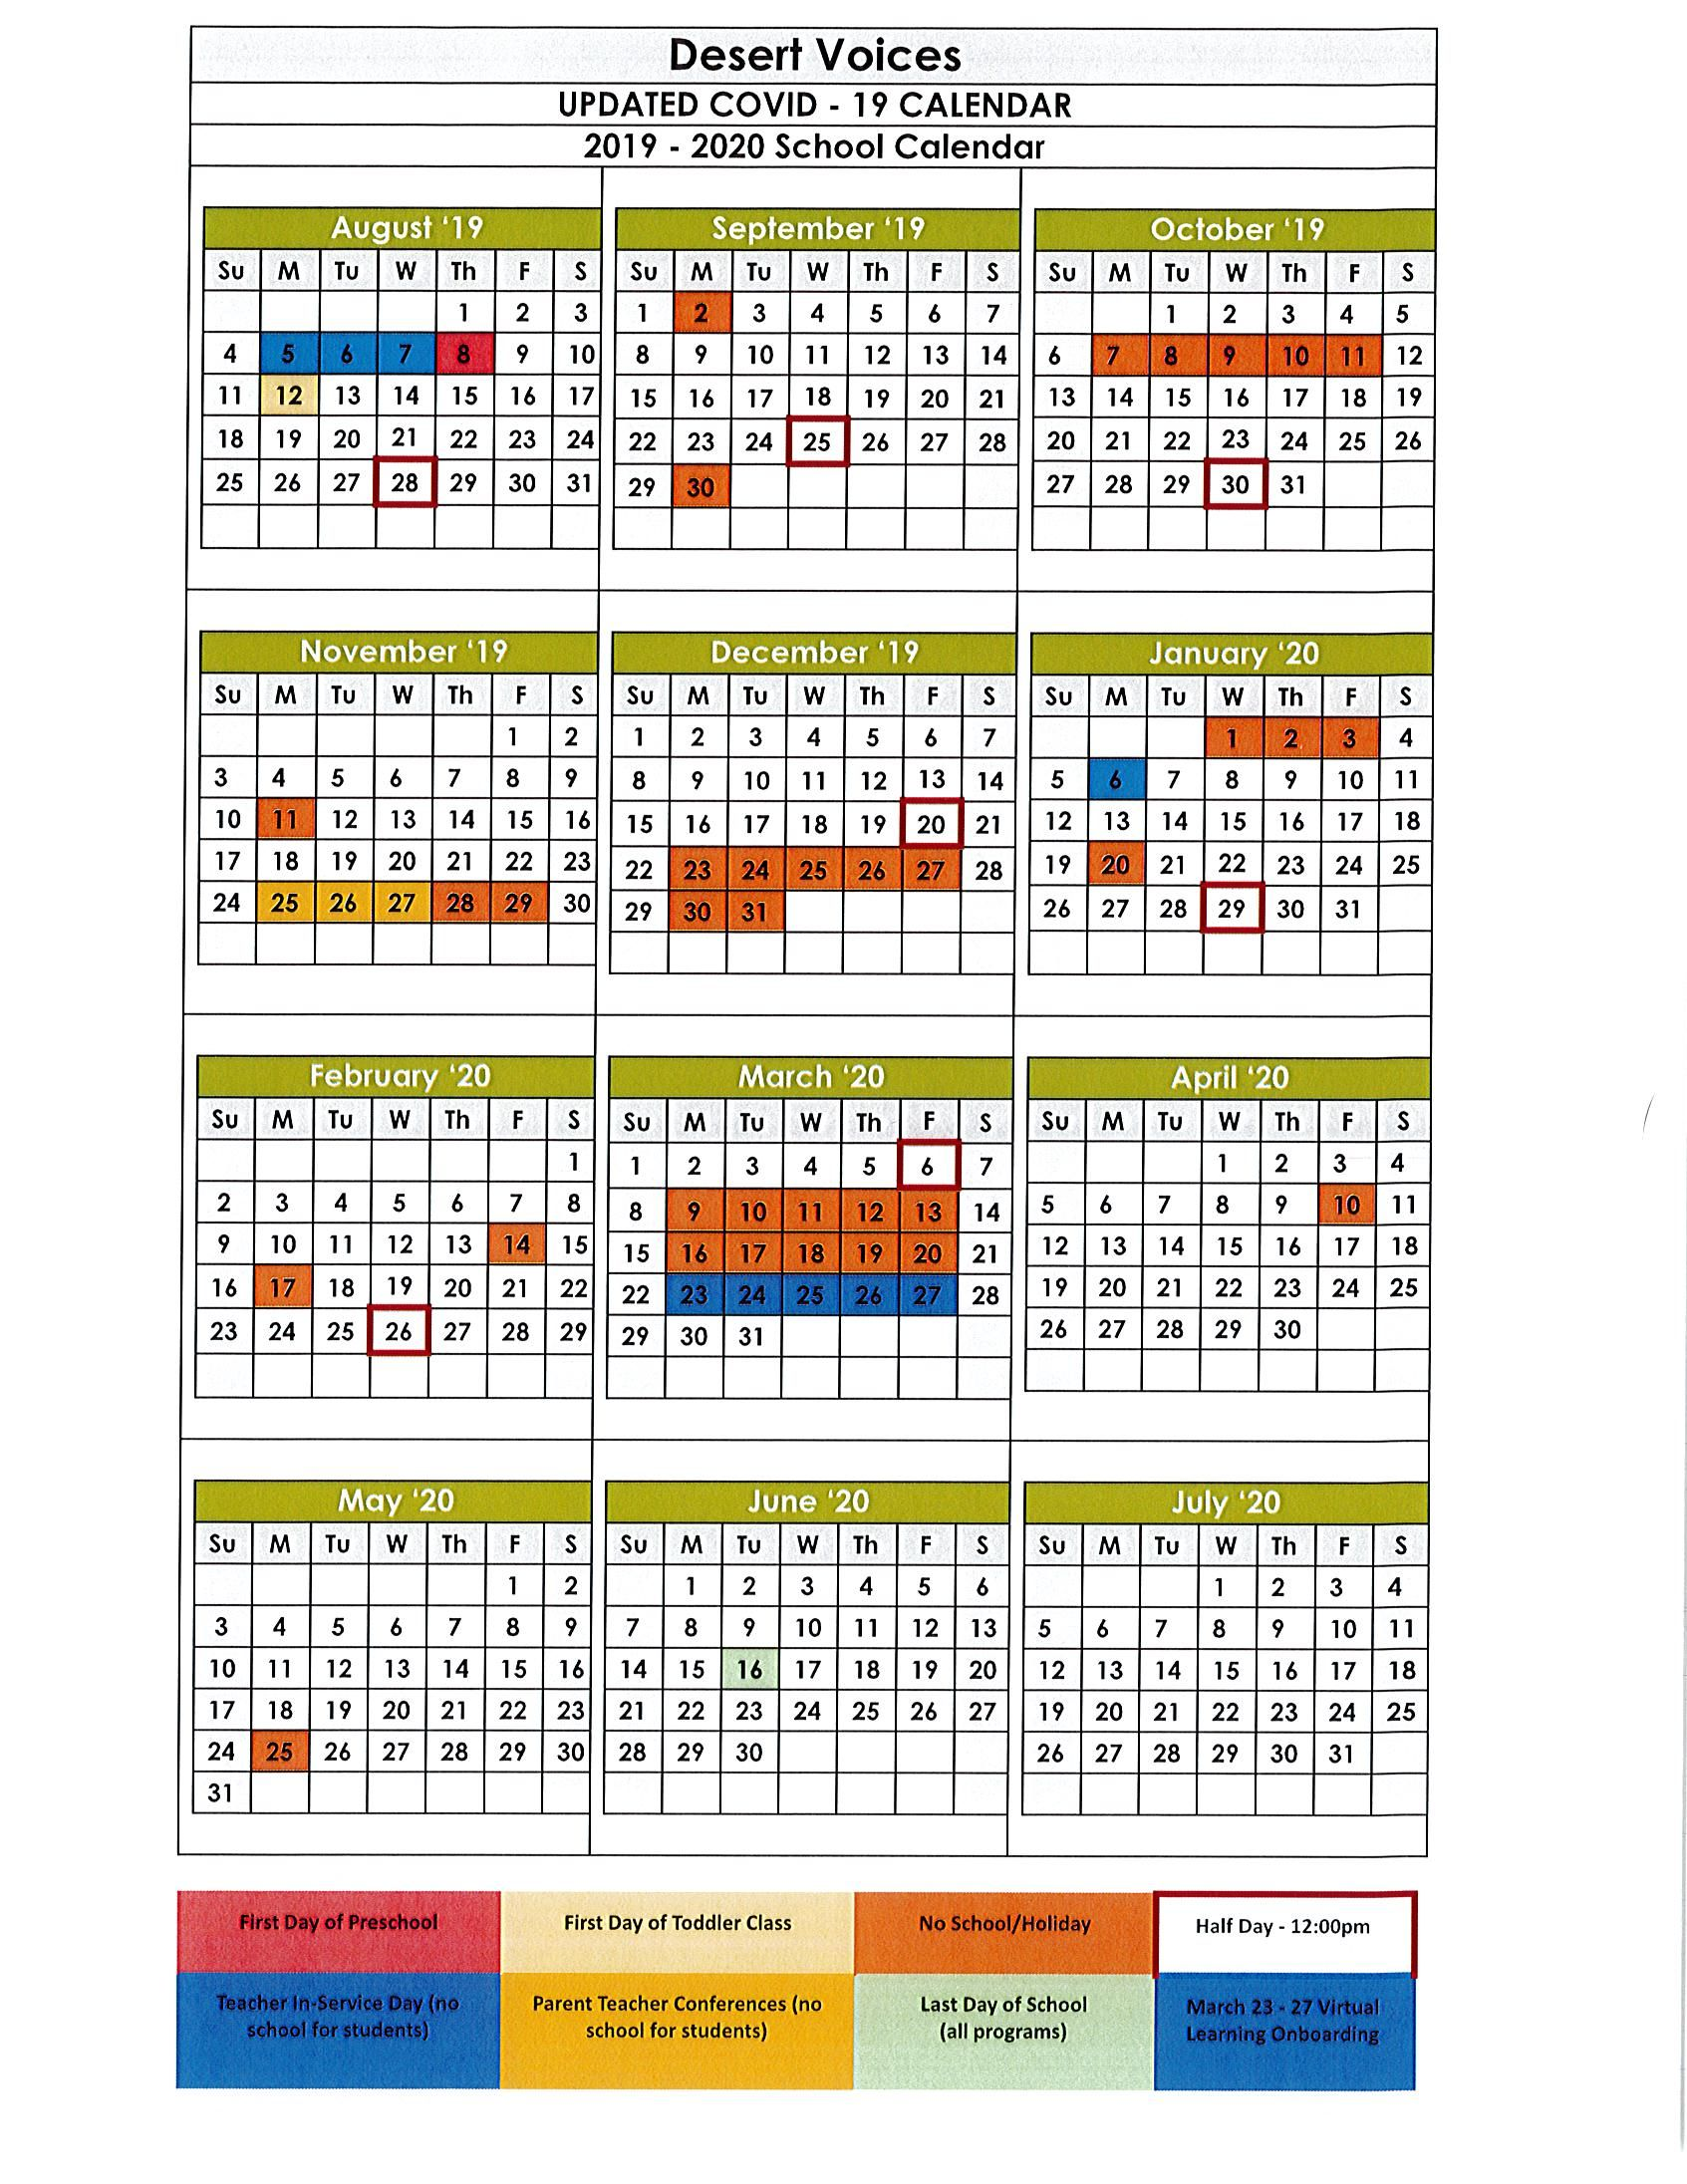 UPDATED COVID - 19 School Calendar 2019  - 2020